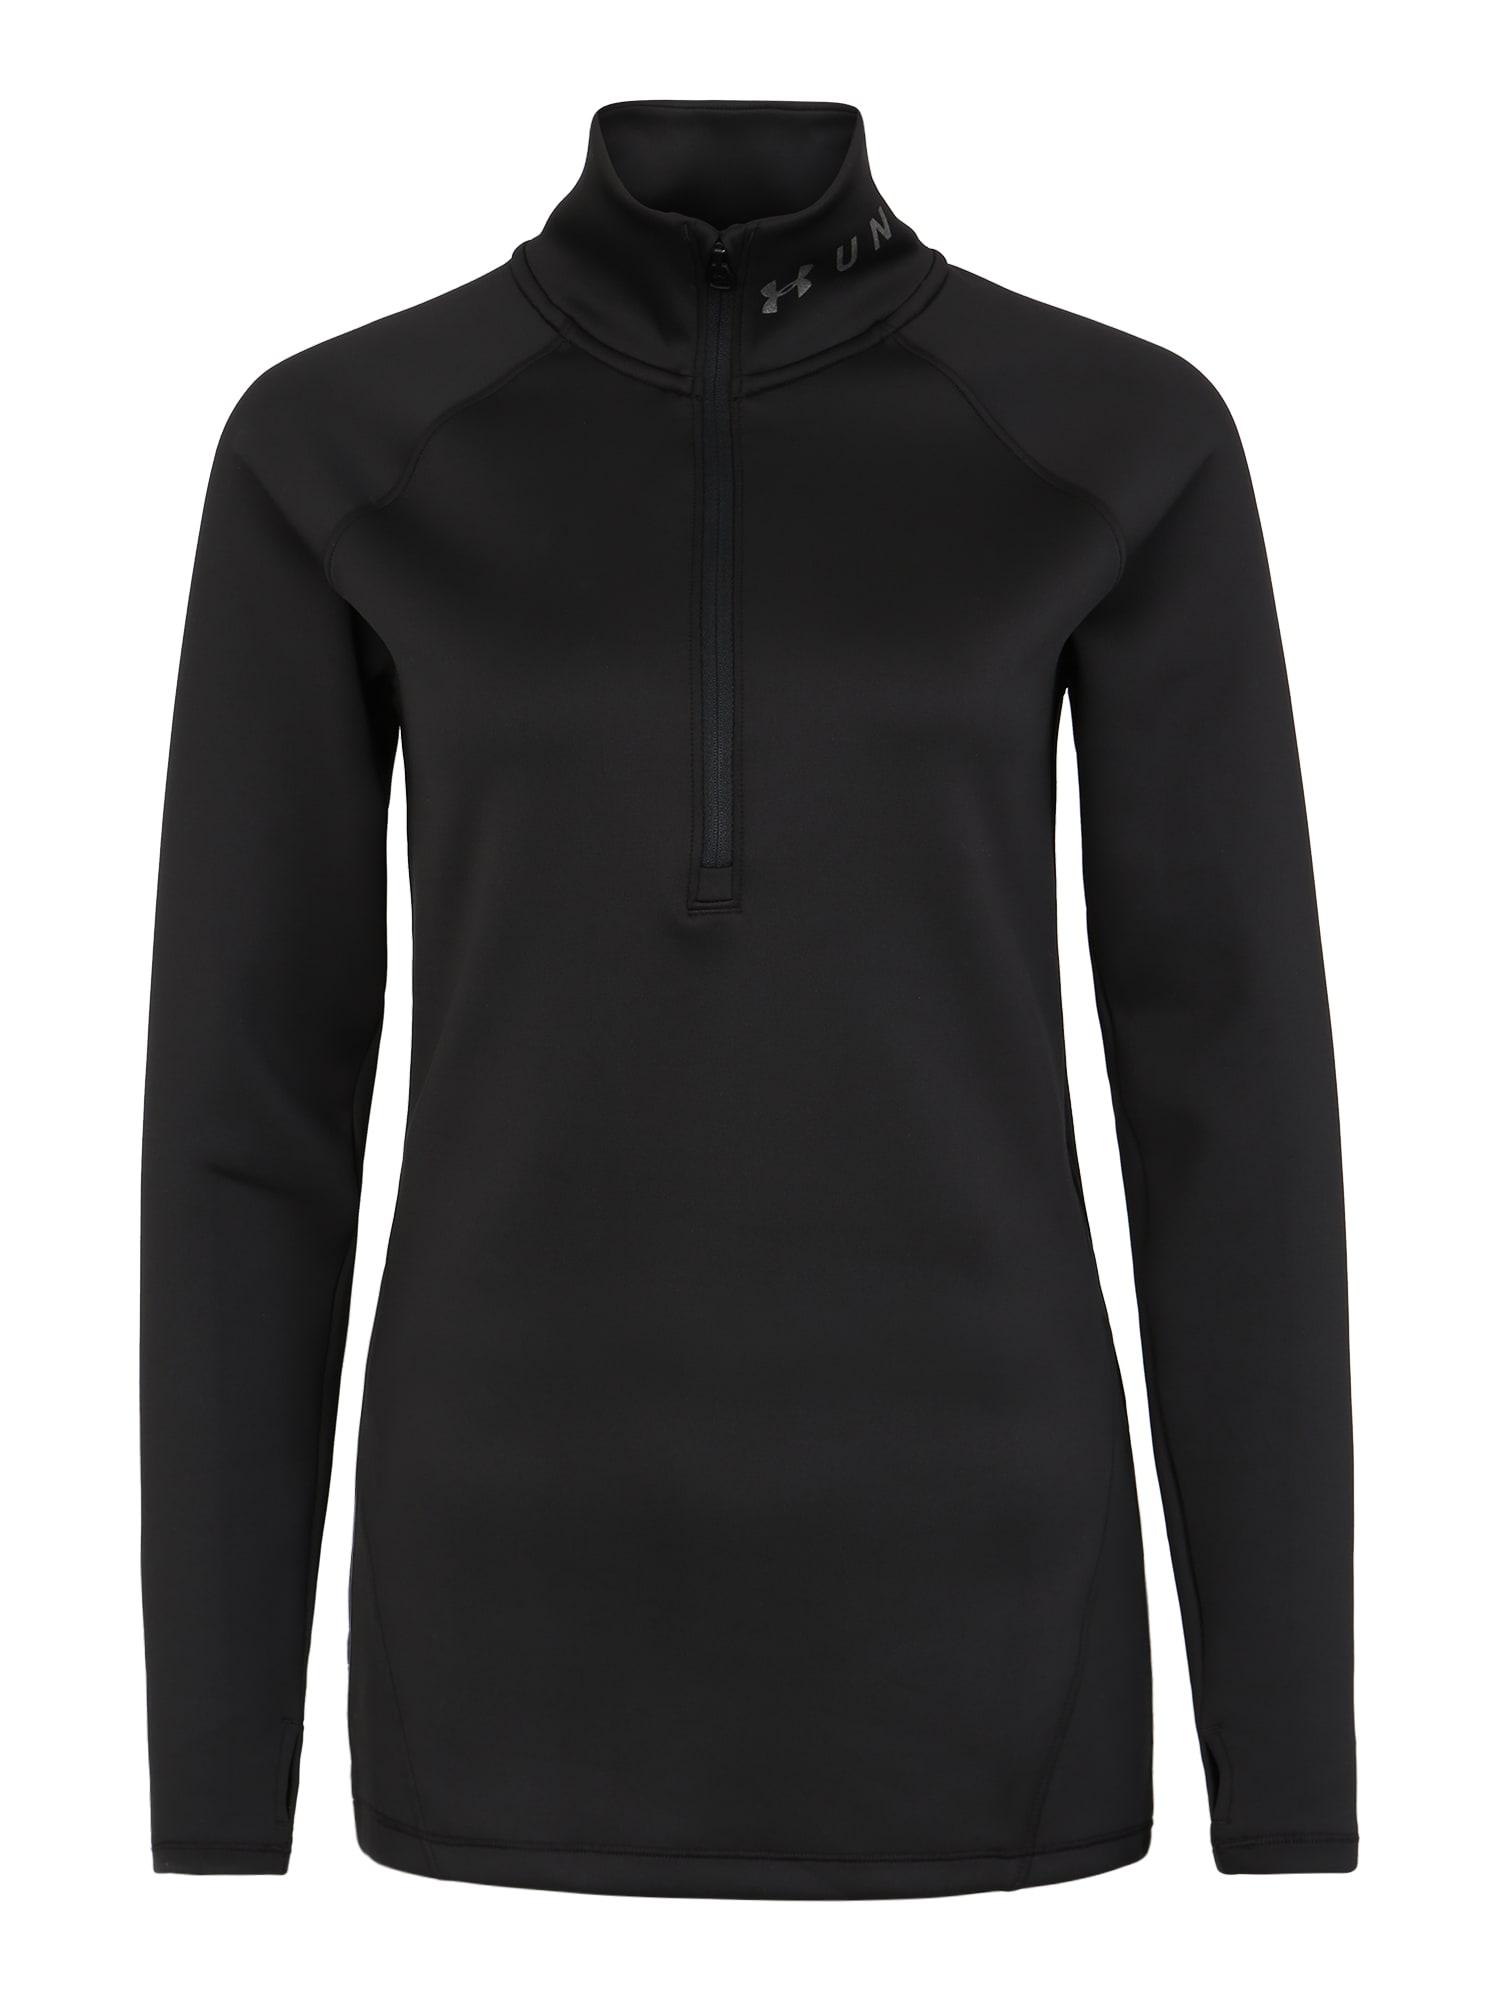 Sportshirt 'UA CG Armour 1/2 Zip' | Sportbekleidung > Sportshirts > T-Shirts | Schwarz | Under Armour